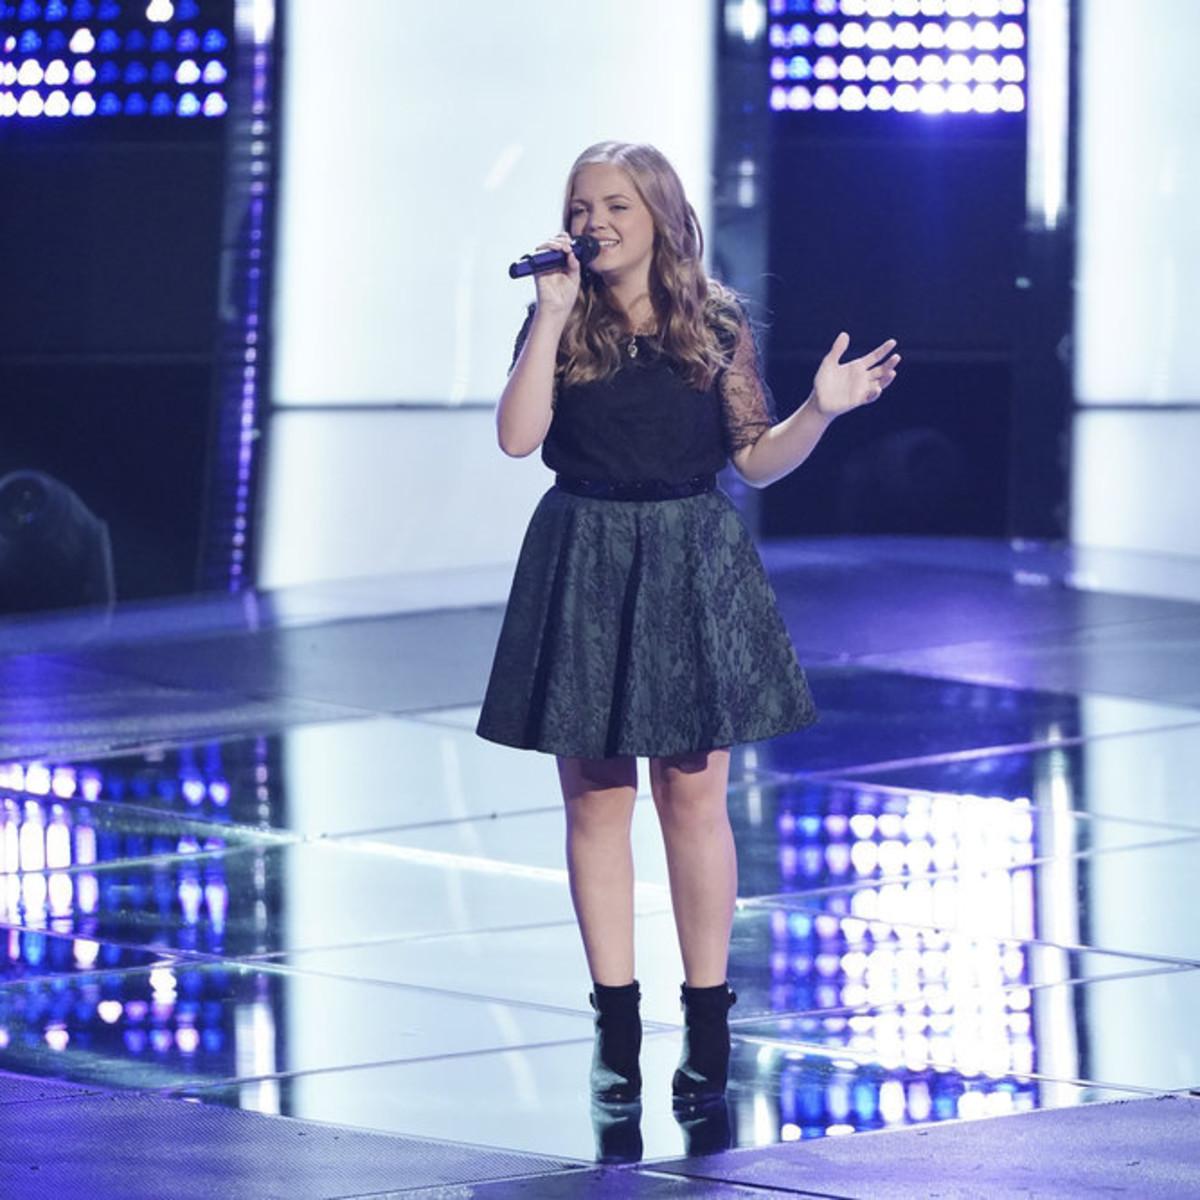 Sarah Grace The Voice